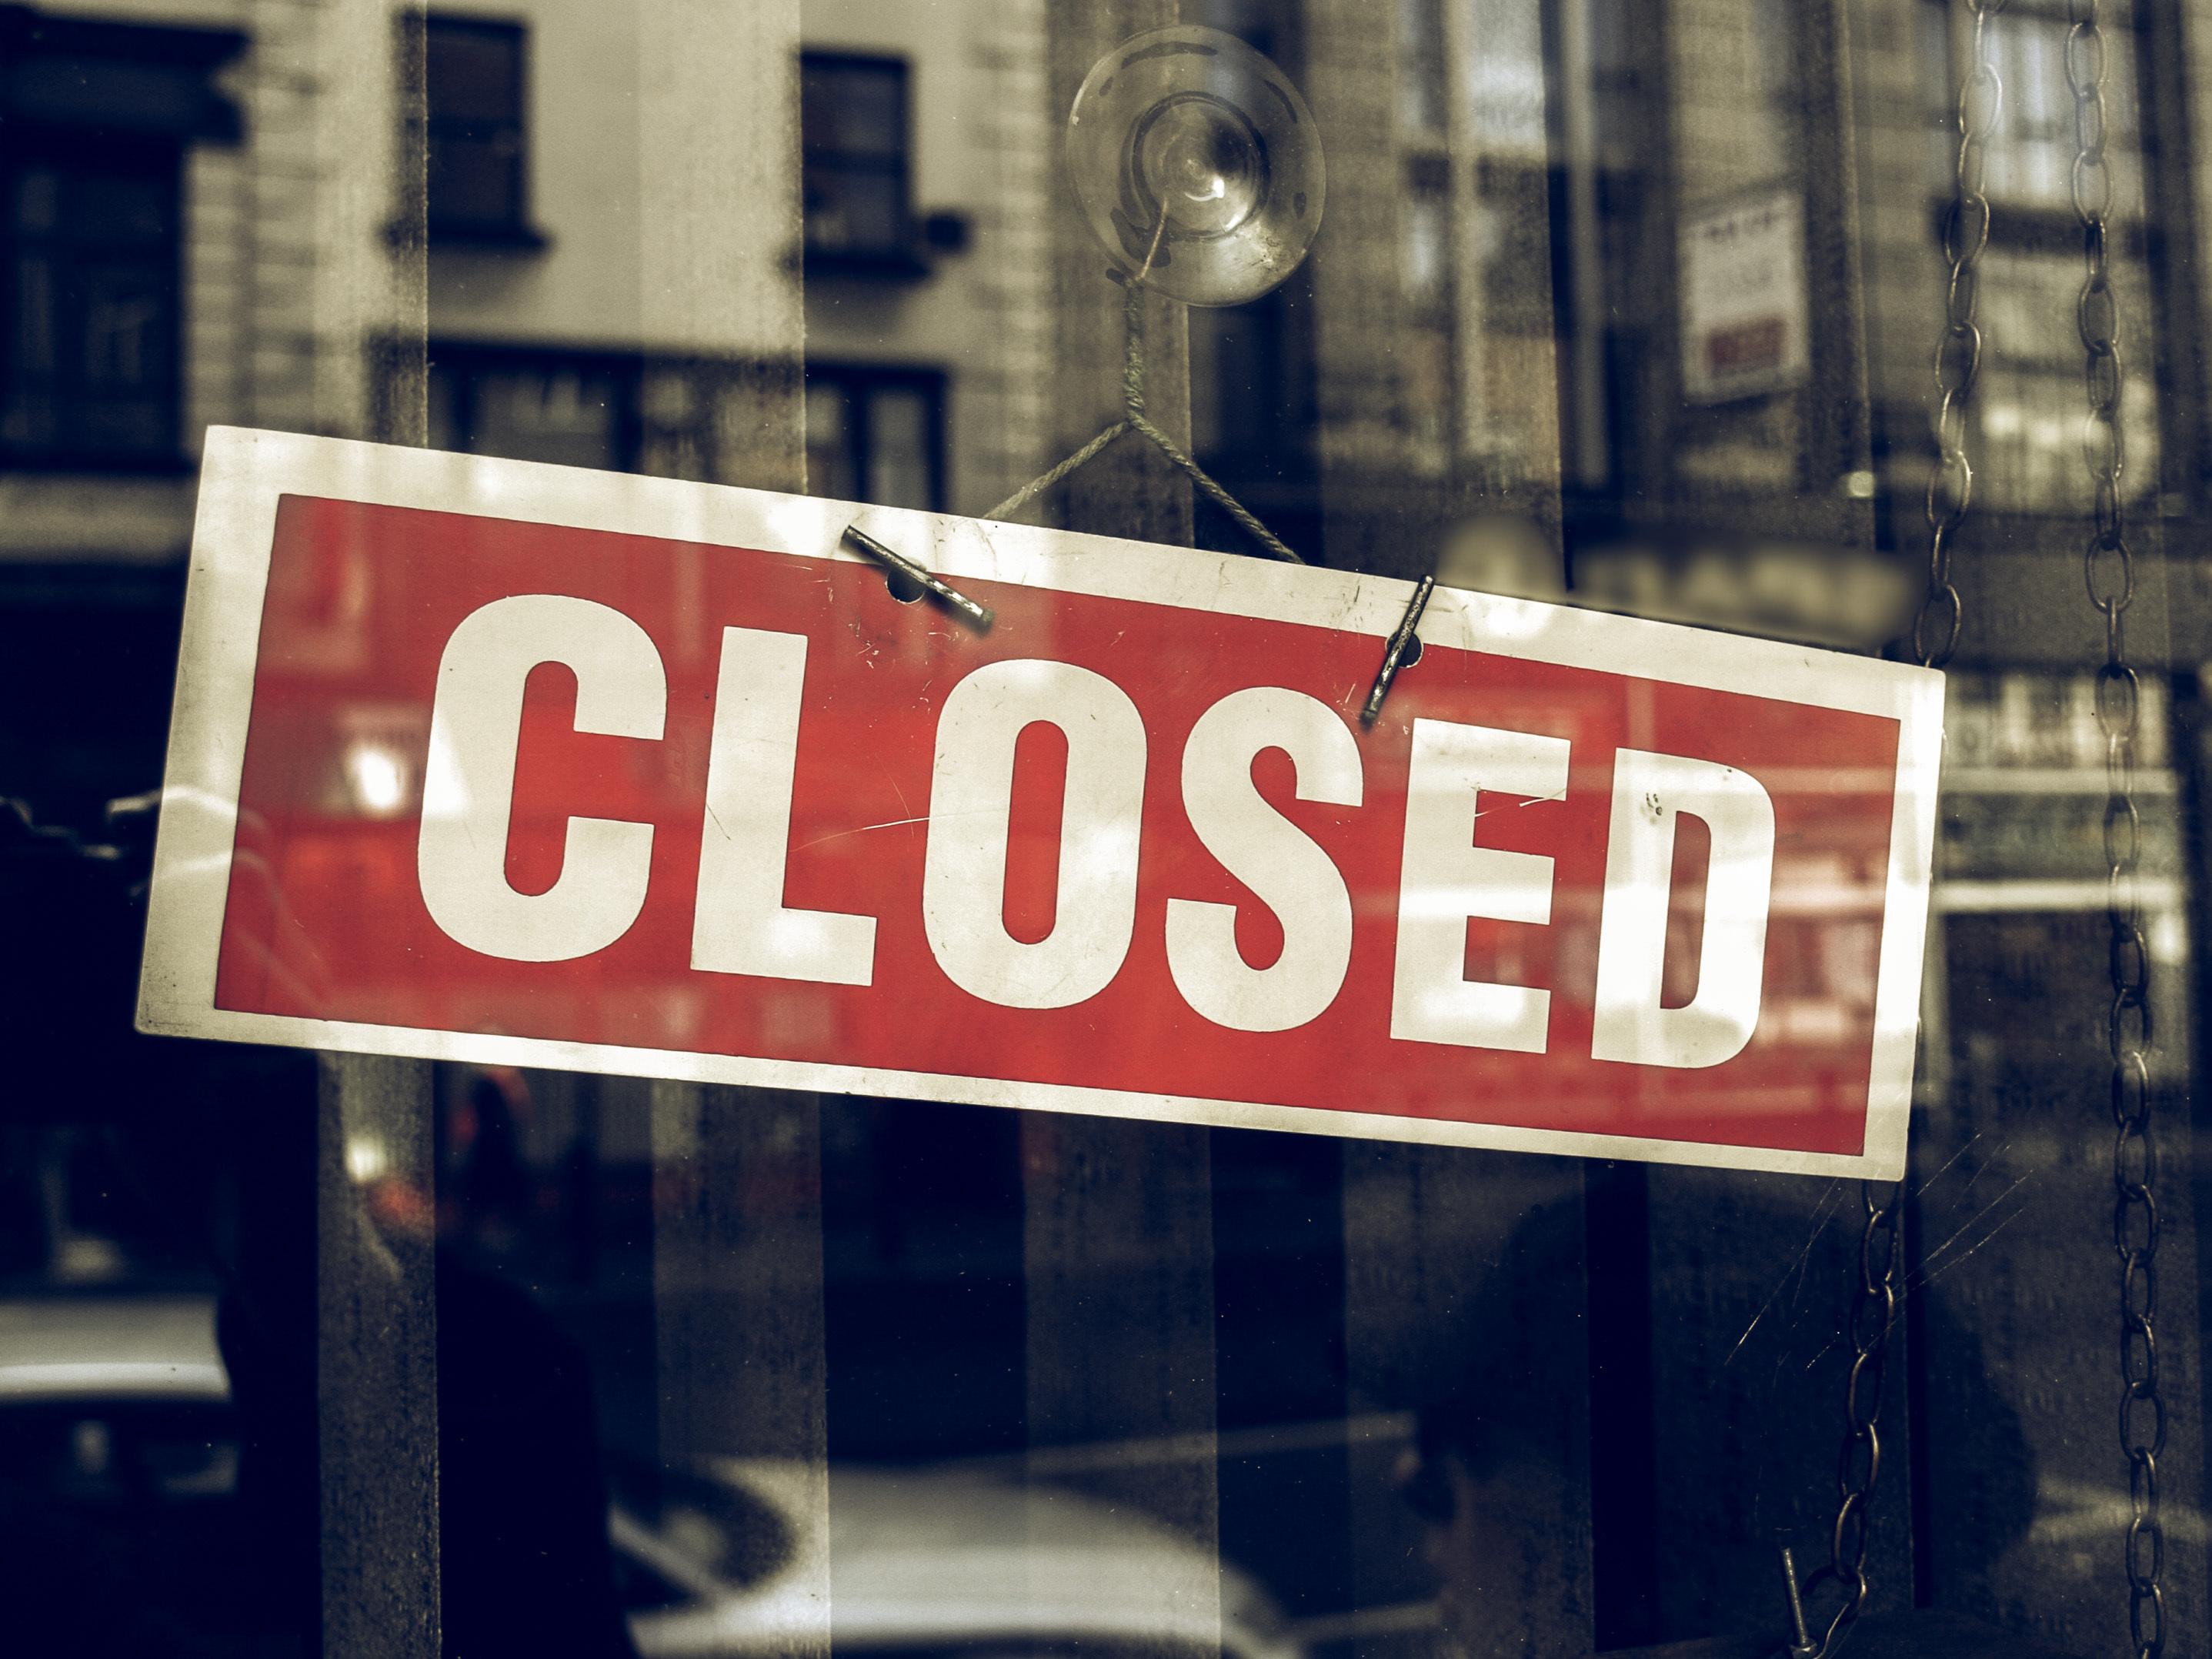 Ustawa, która wprowadziła zakaz niedzielnego handlu dla większości placówek, obowiązuje od 1 marca 2018 r. (Fot. Shutterstock)